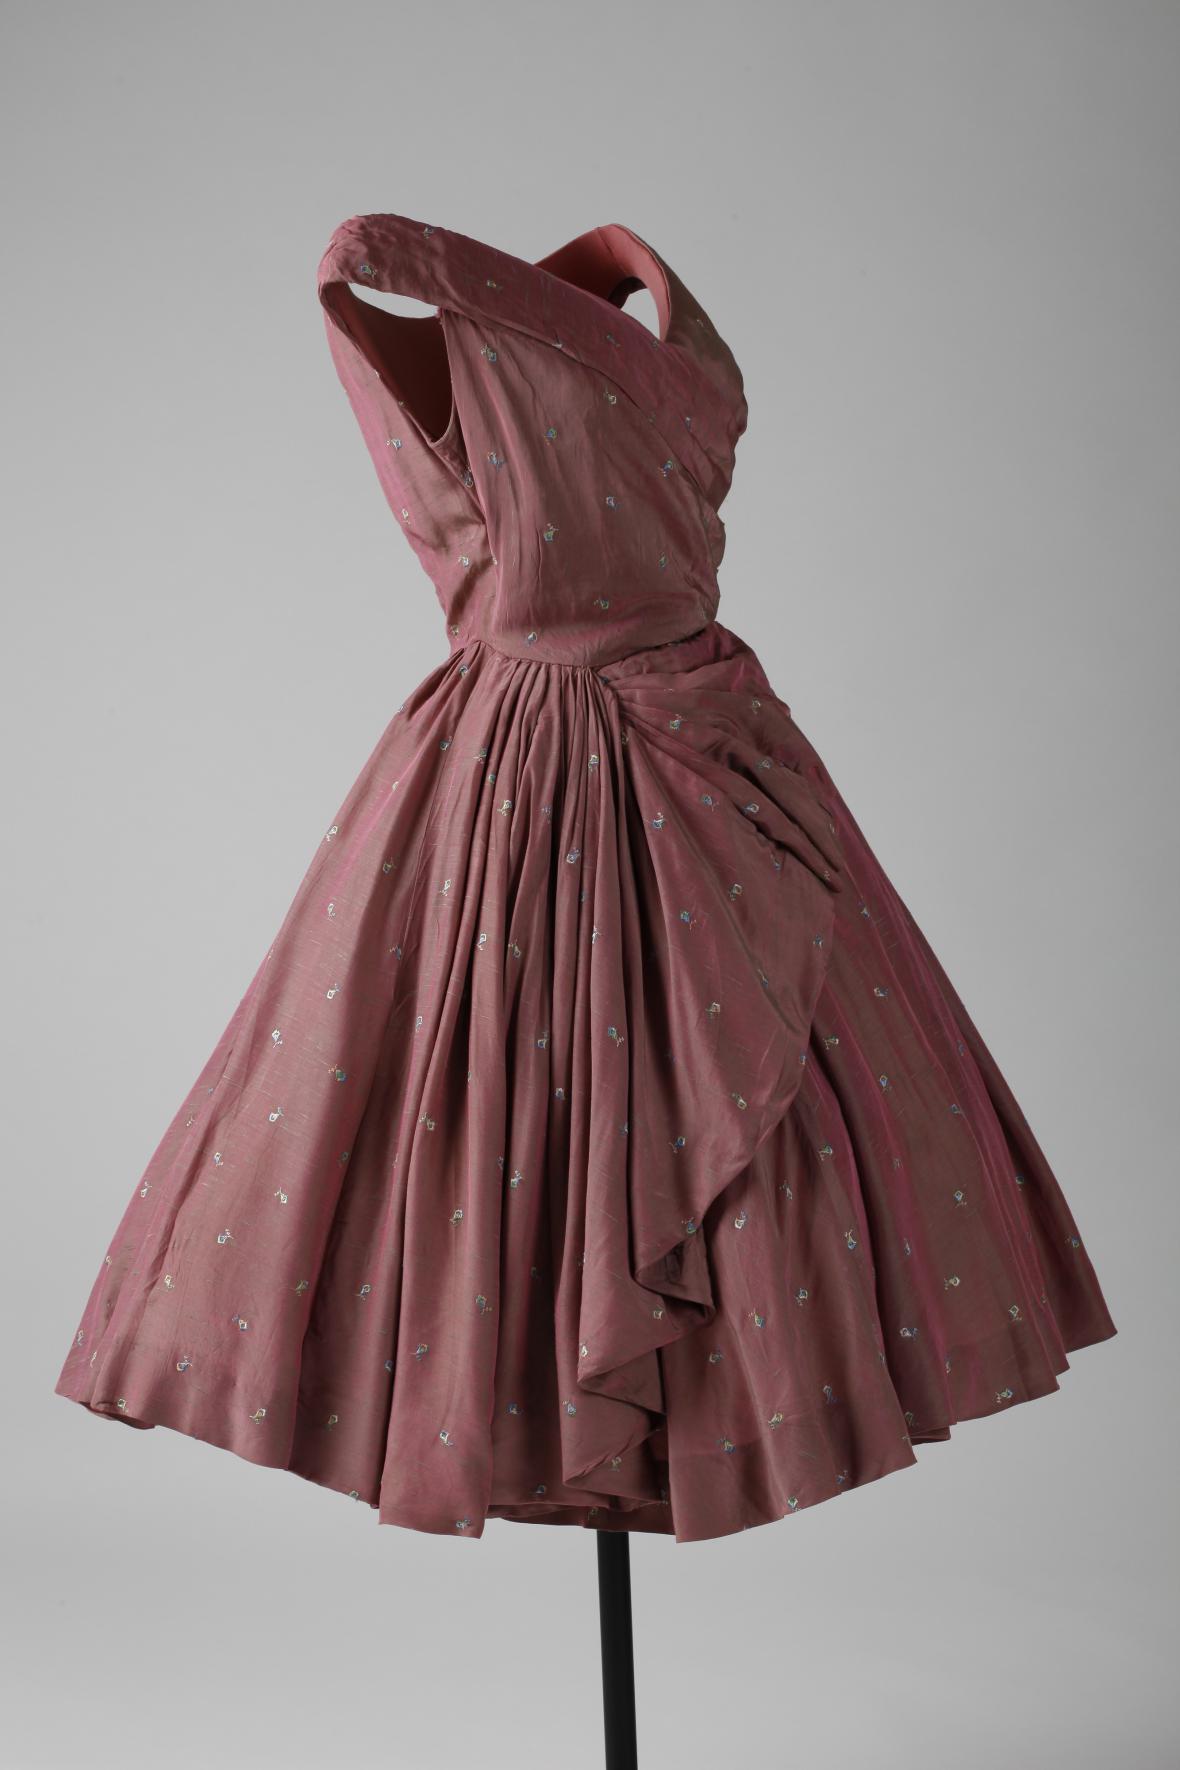 Šaty dívčí společenské růžové s drobnou strojovou výšivkou, šantungové hedvábí s šanžánovým efektem, Salon Eva – dříve Hanna Podolská, 1957–1959